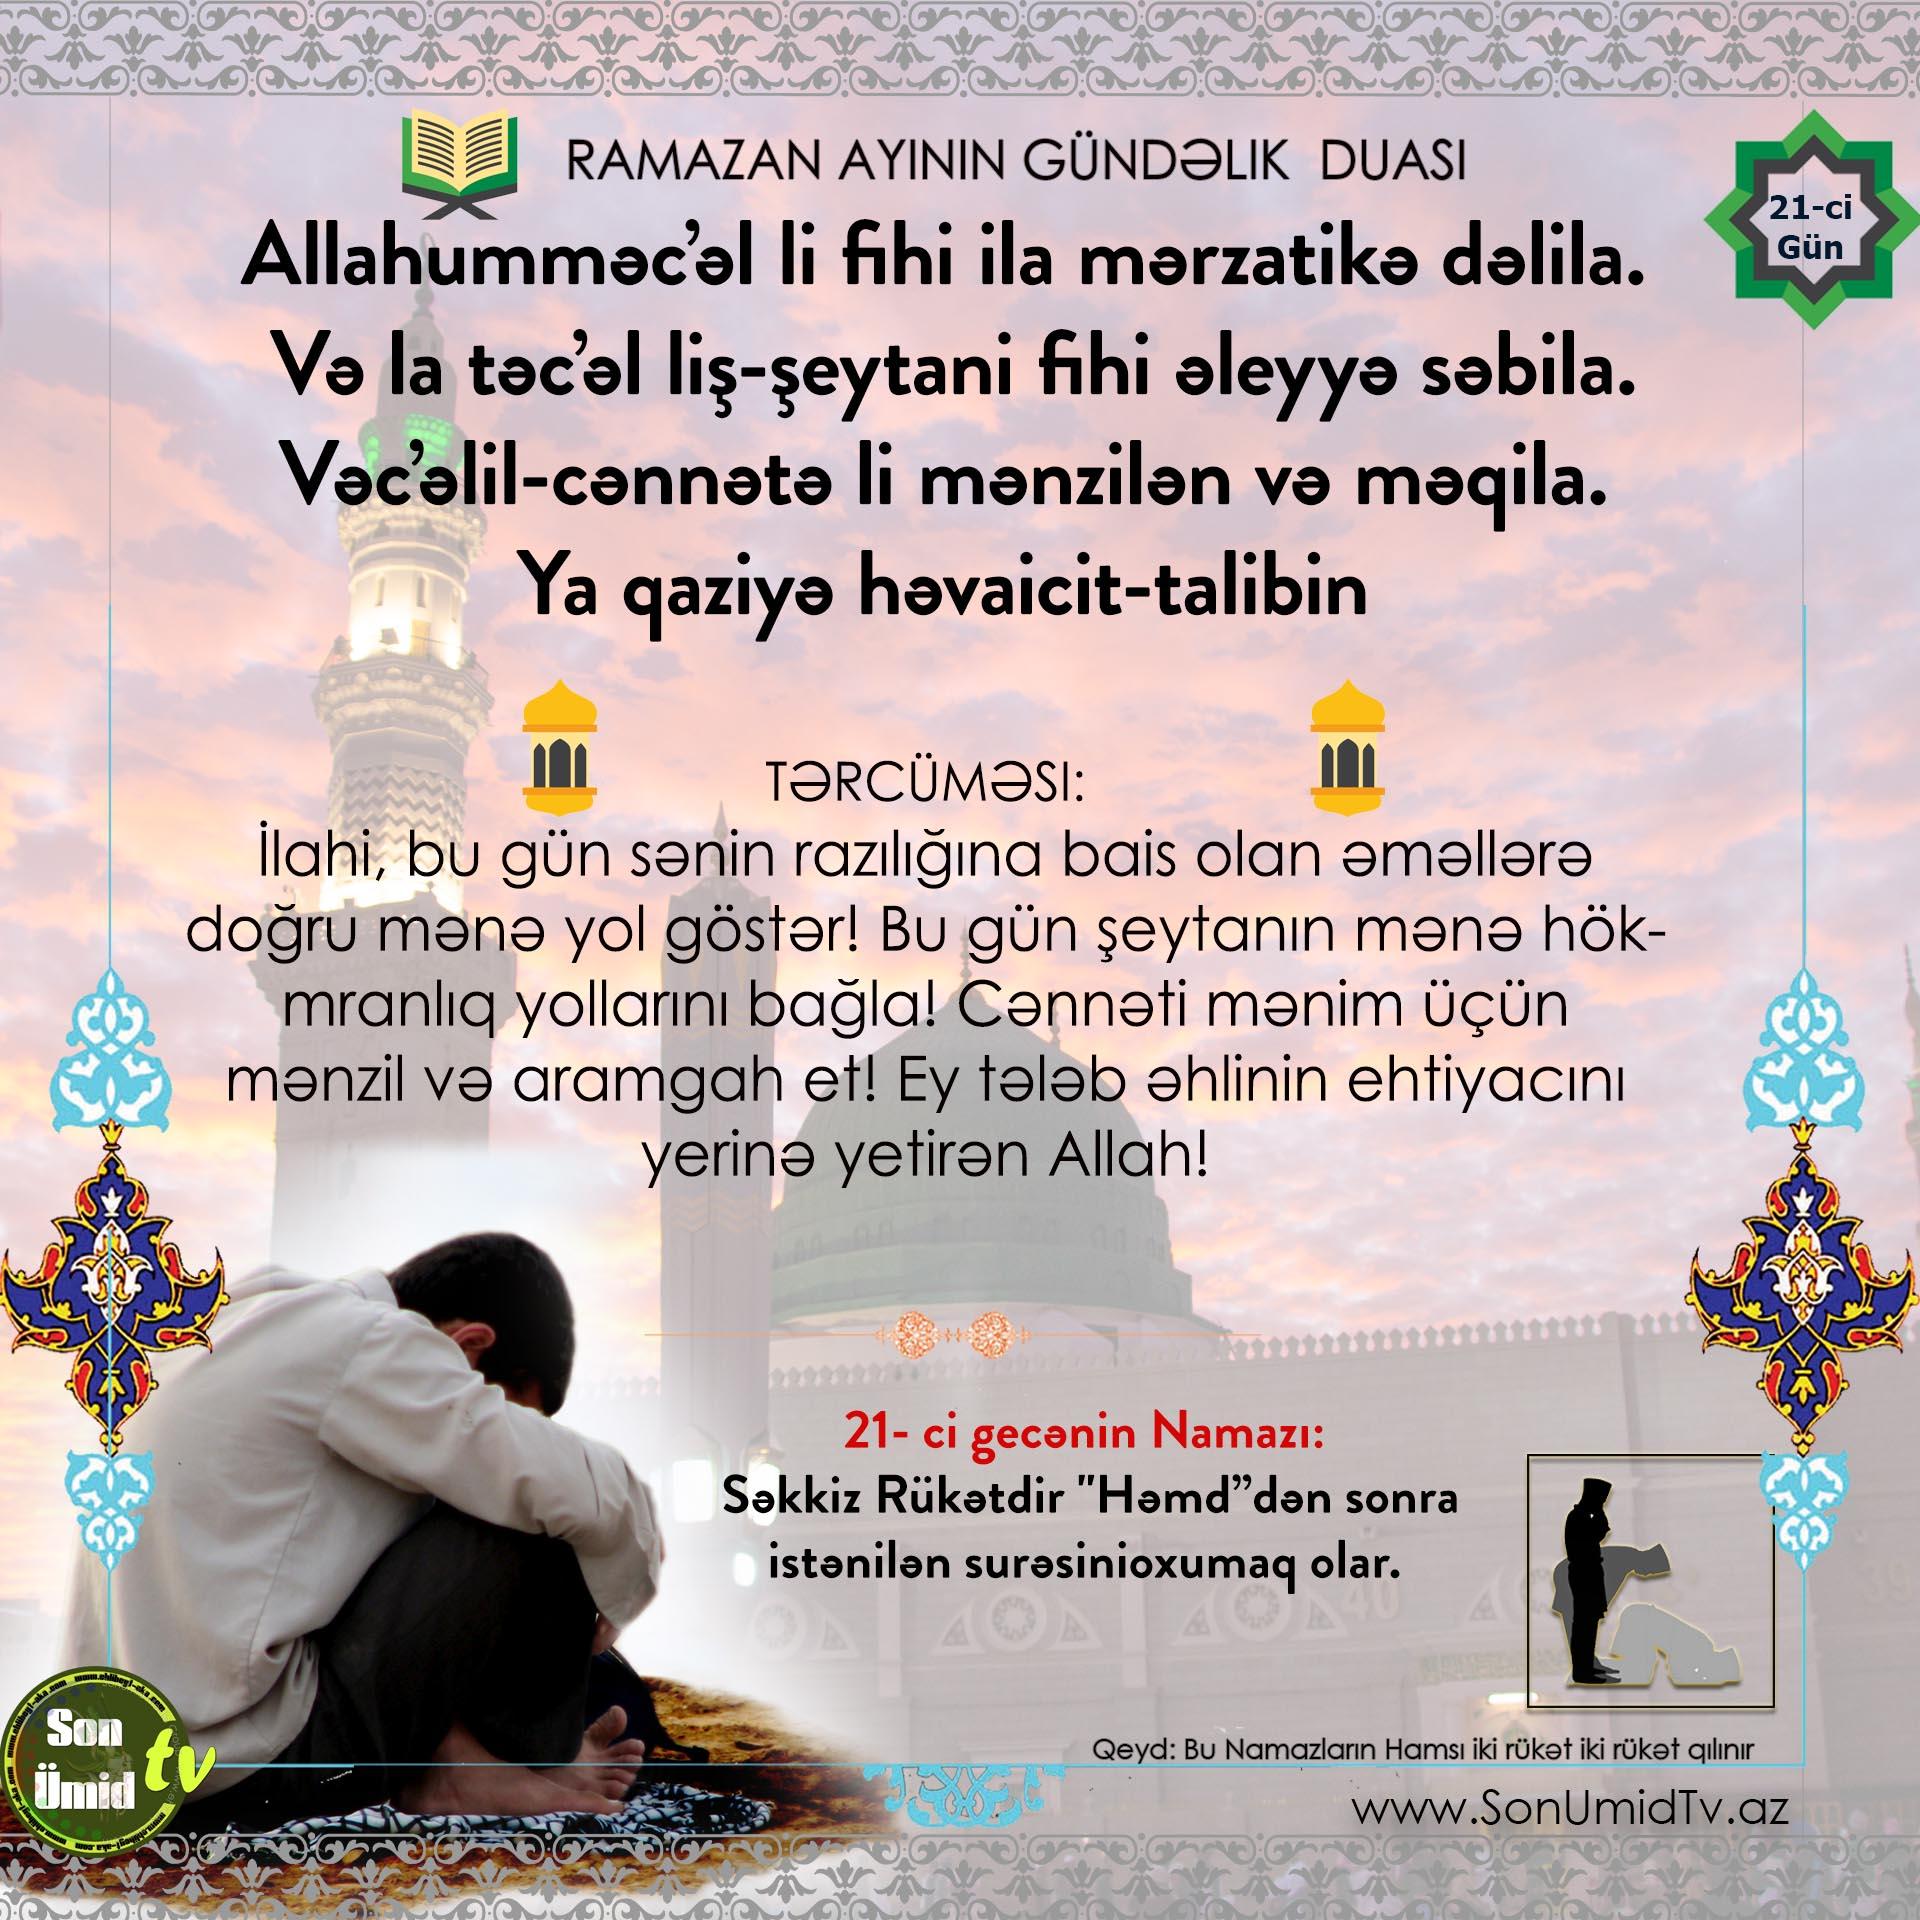 Ramazan  21-ci gününün duası və Namazı